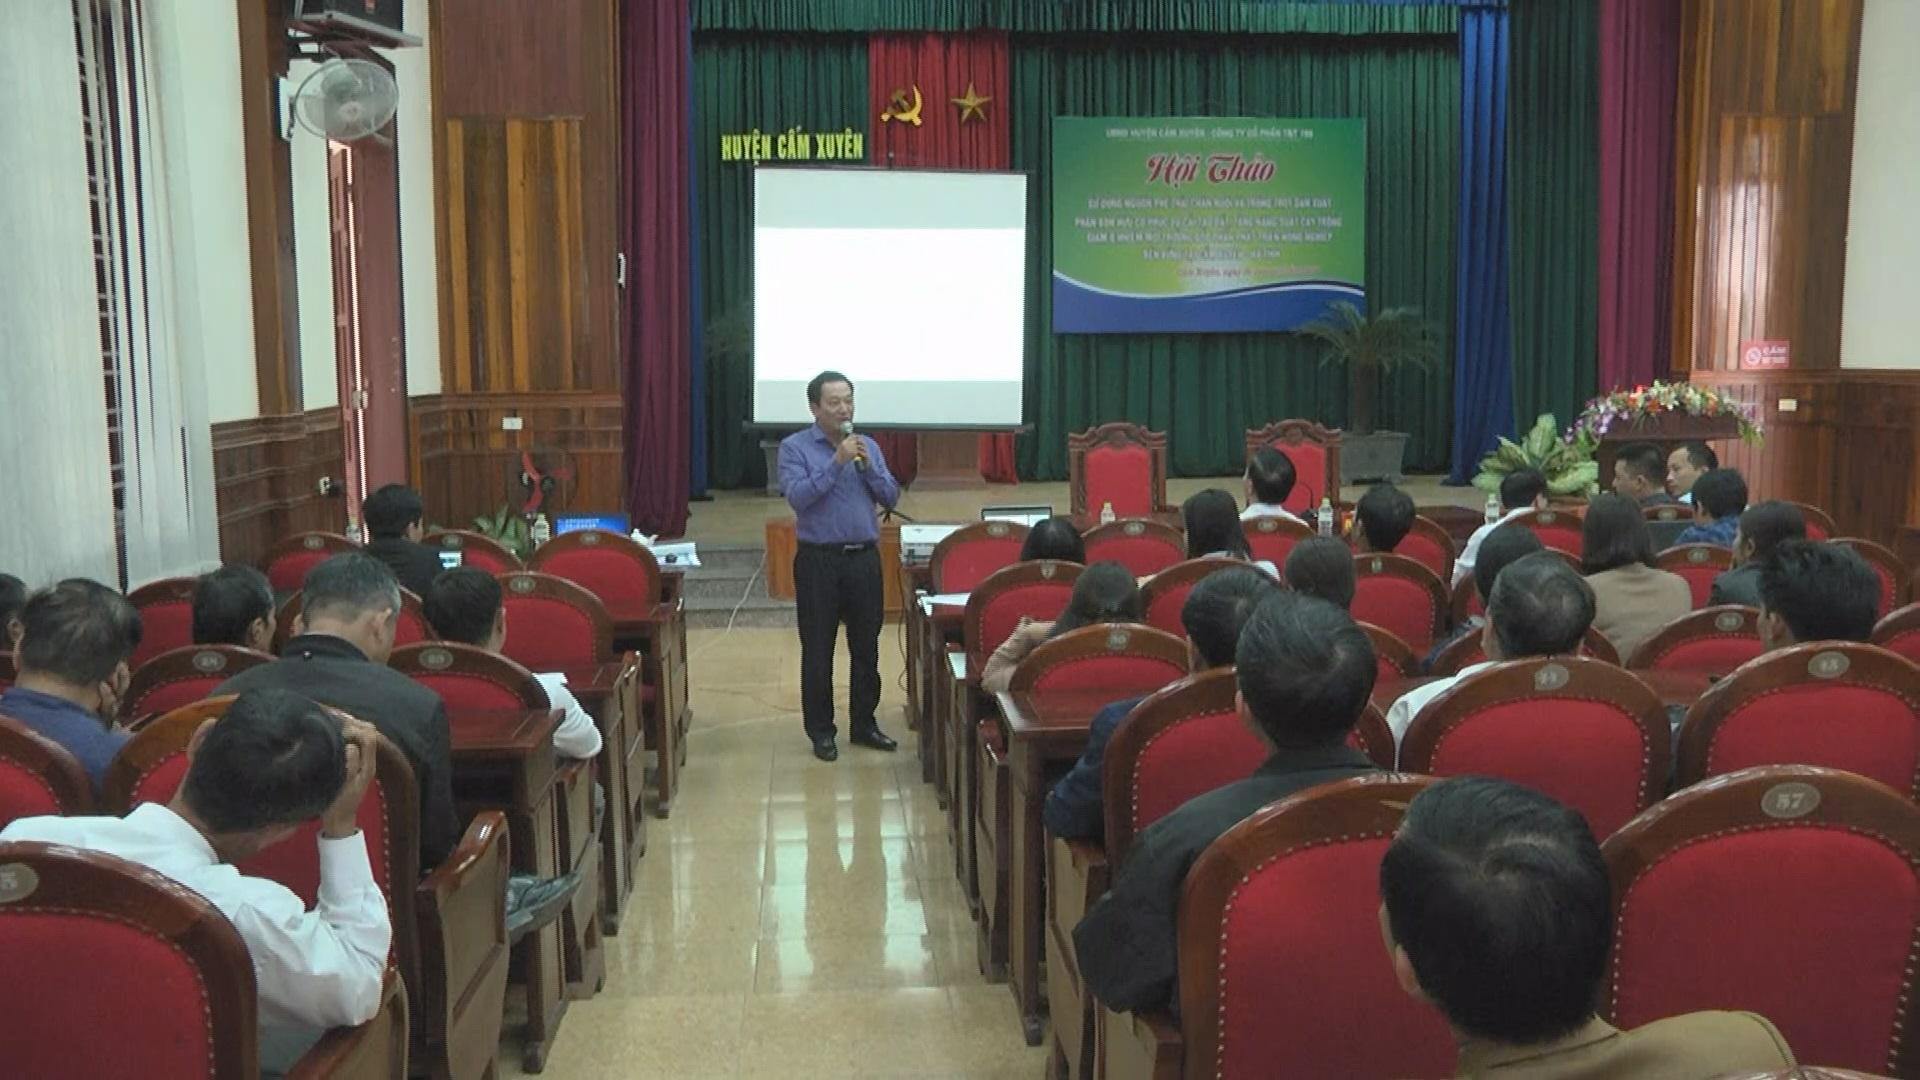 Hội thảo Chuyên đề chuyển giao các tiến bộ KHKT trong sản xuất nông nghiệp Hữu cơ.